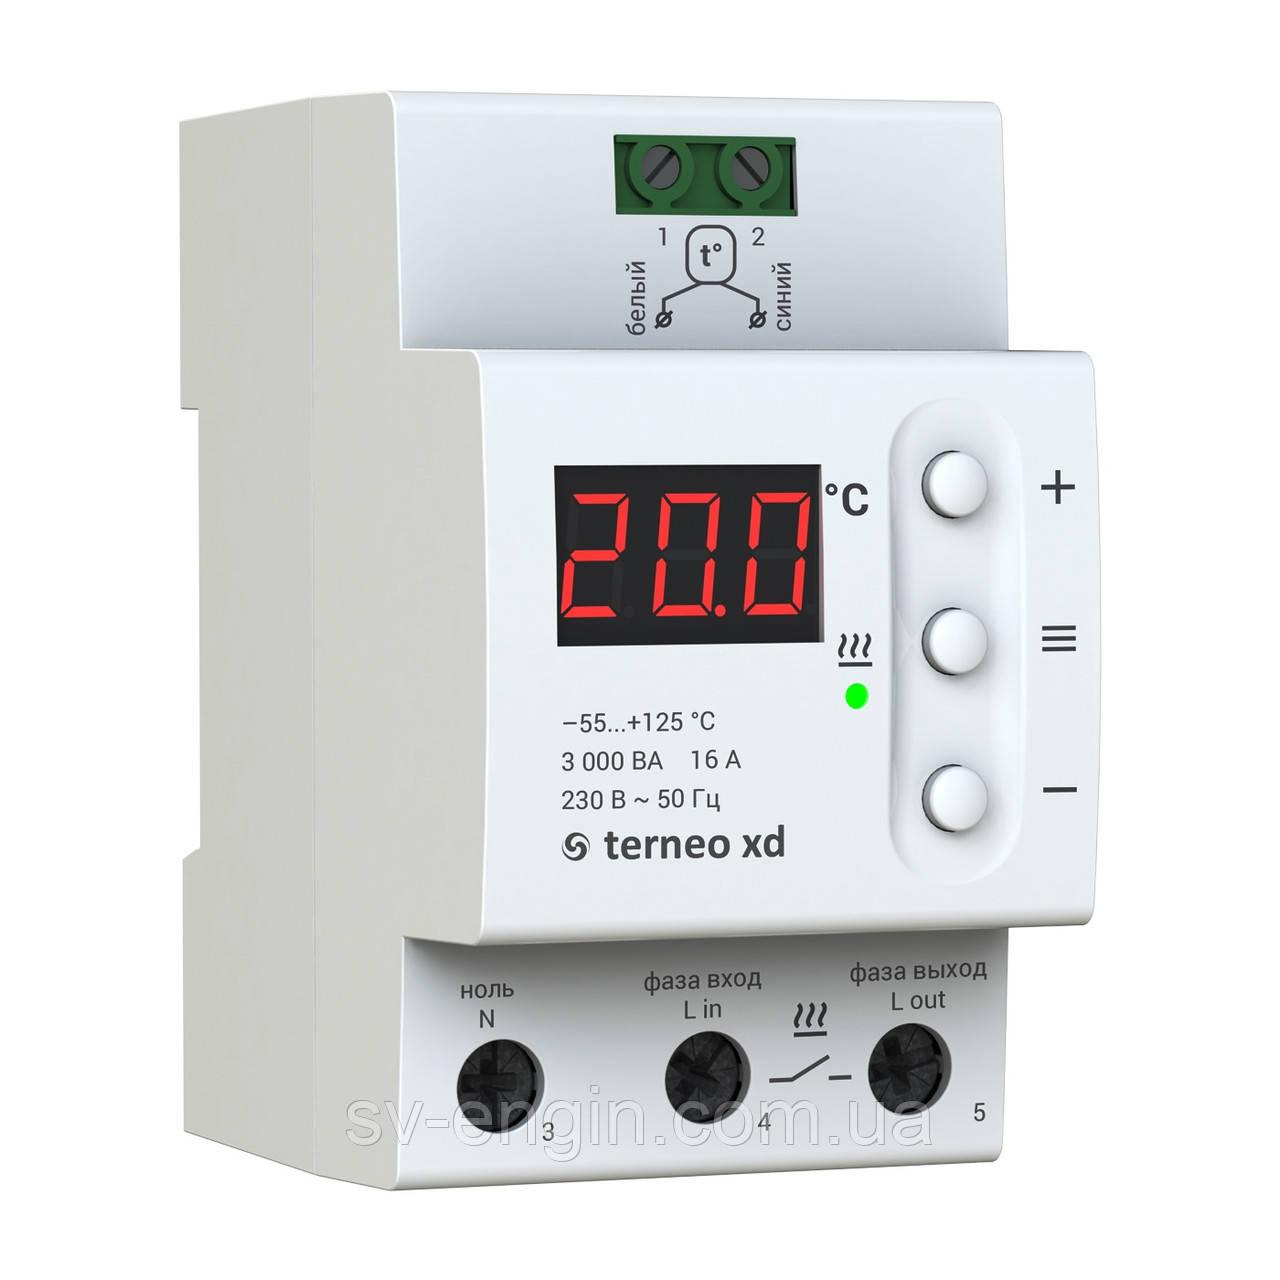 XD (DS ELECTRONICS, Украина) - терморегулятор для систем охлаждения и вентиляции